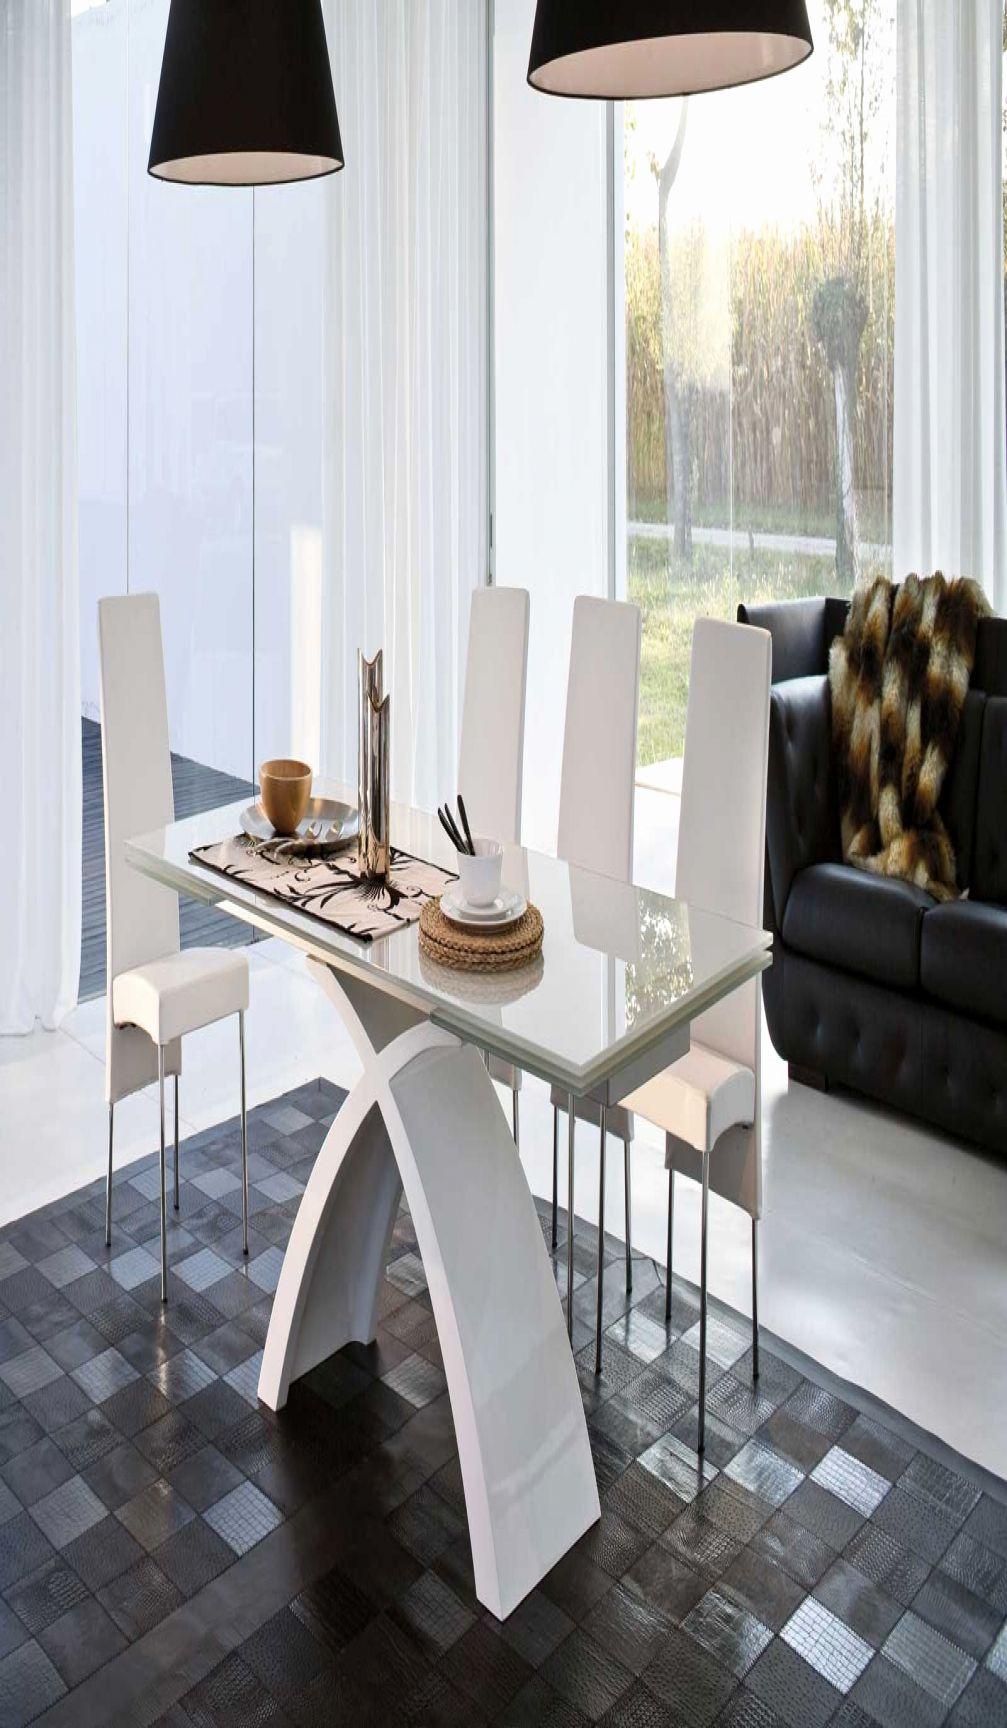 Bello Campione Tavolo Soggiorno Moderno Allungabile Tavolo Cucina Legno Nel 2020 Soggiorno Moderno Tavolo Da Pranzo Moderno Tavolo Cucina